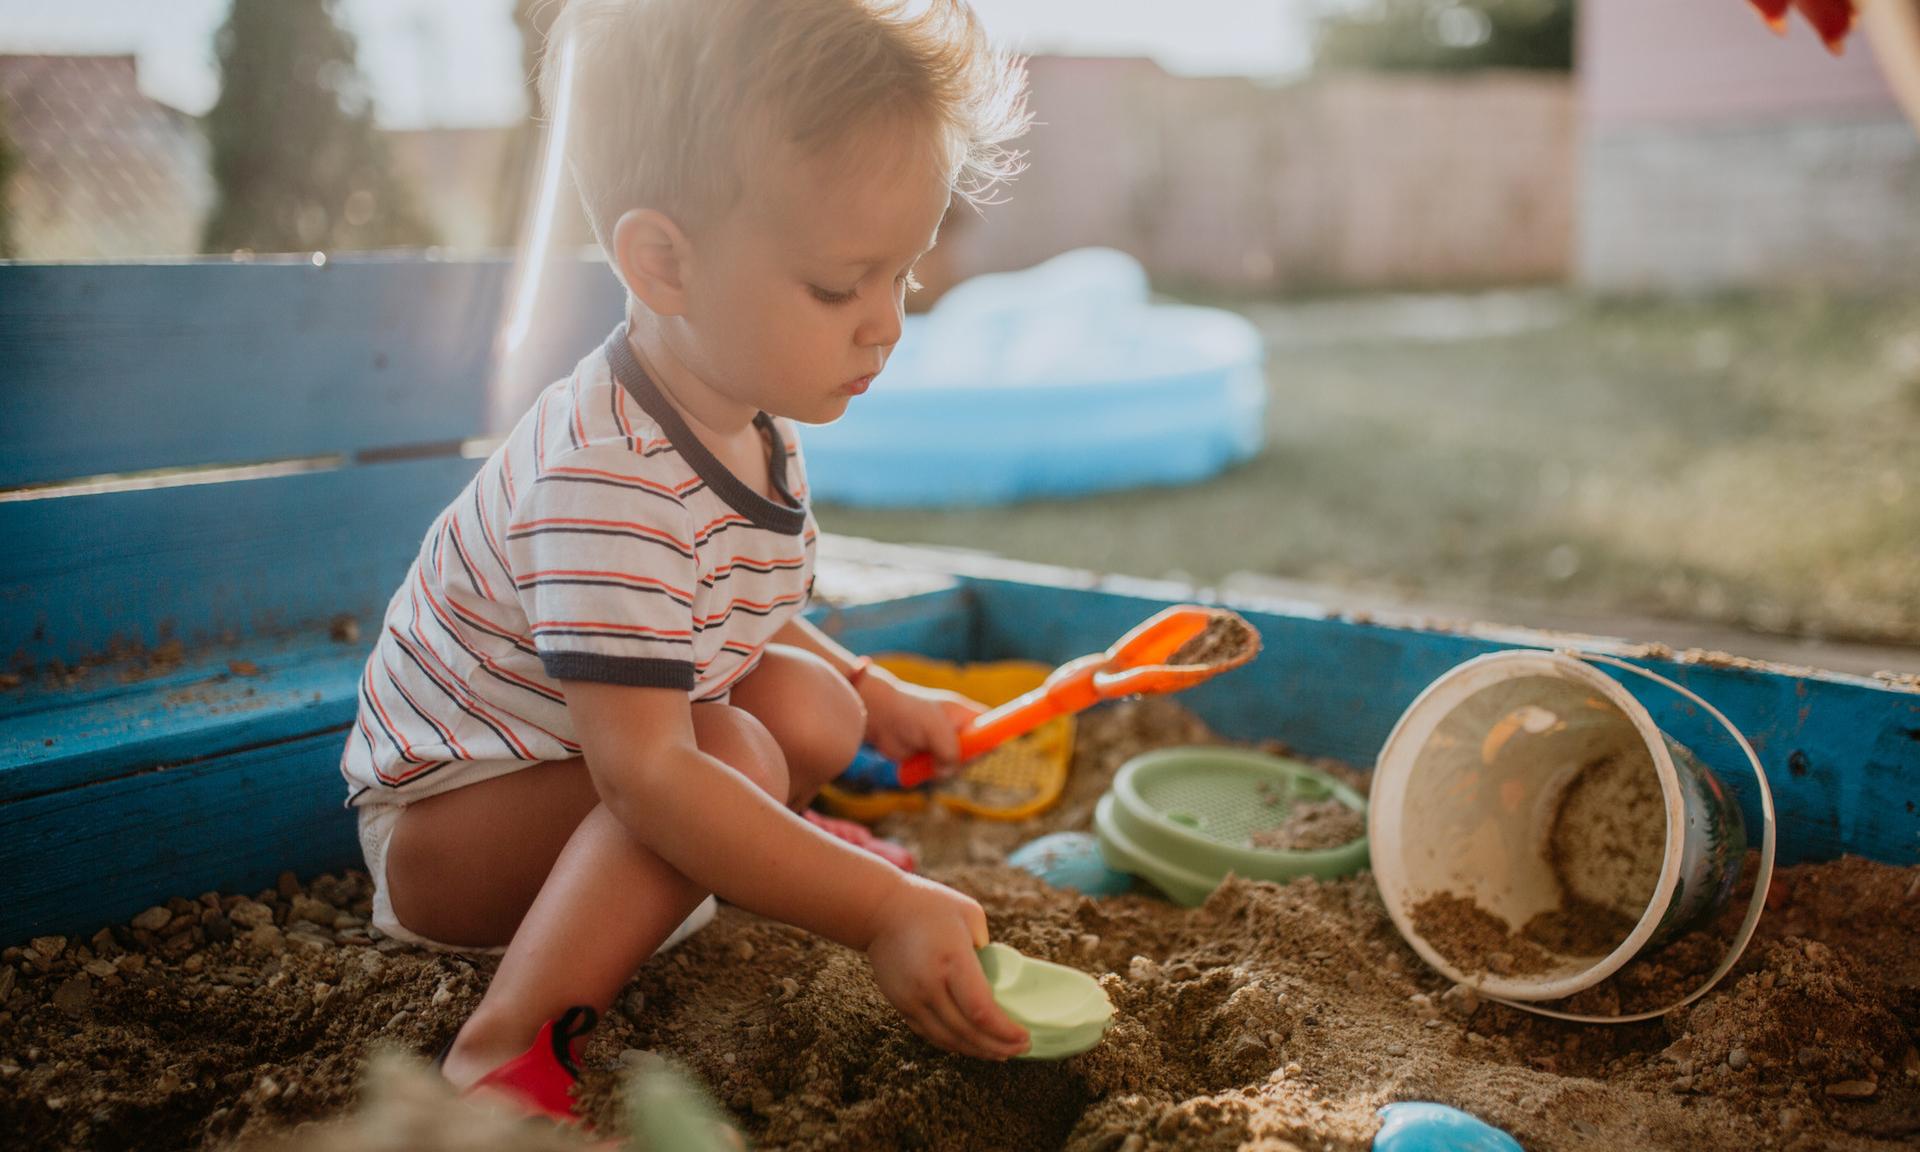 Дурная привычка: что делать, если ребенок ест соль, песок и мел